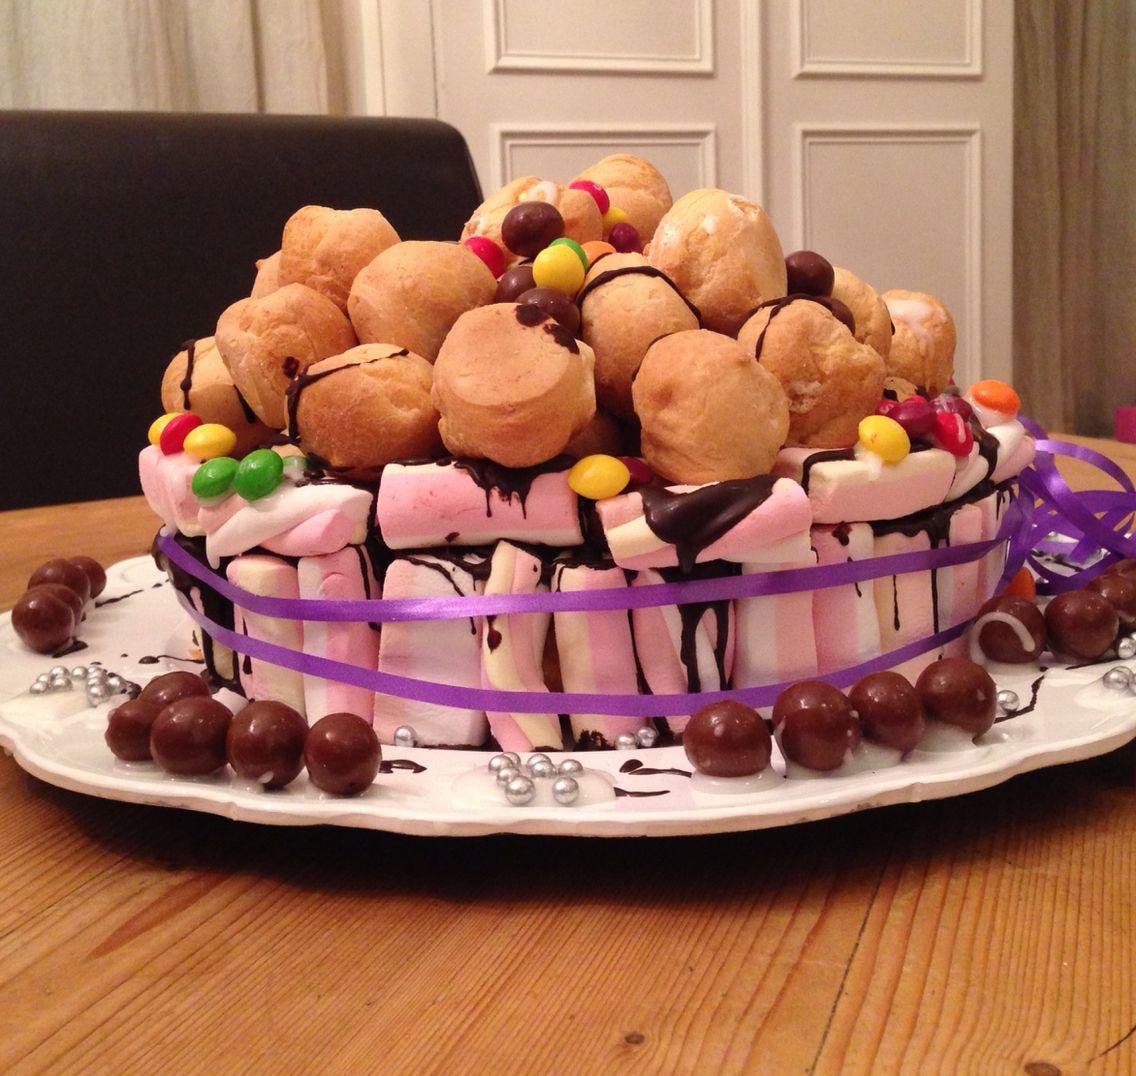 Iets Nieuws Soesjestaart Traktatie school groep 3/4/5 Jongen 7 jaar   Cakes @TM39